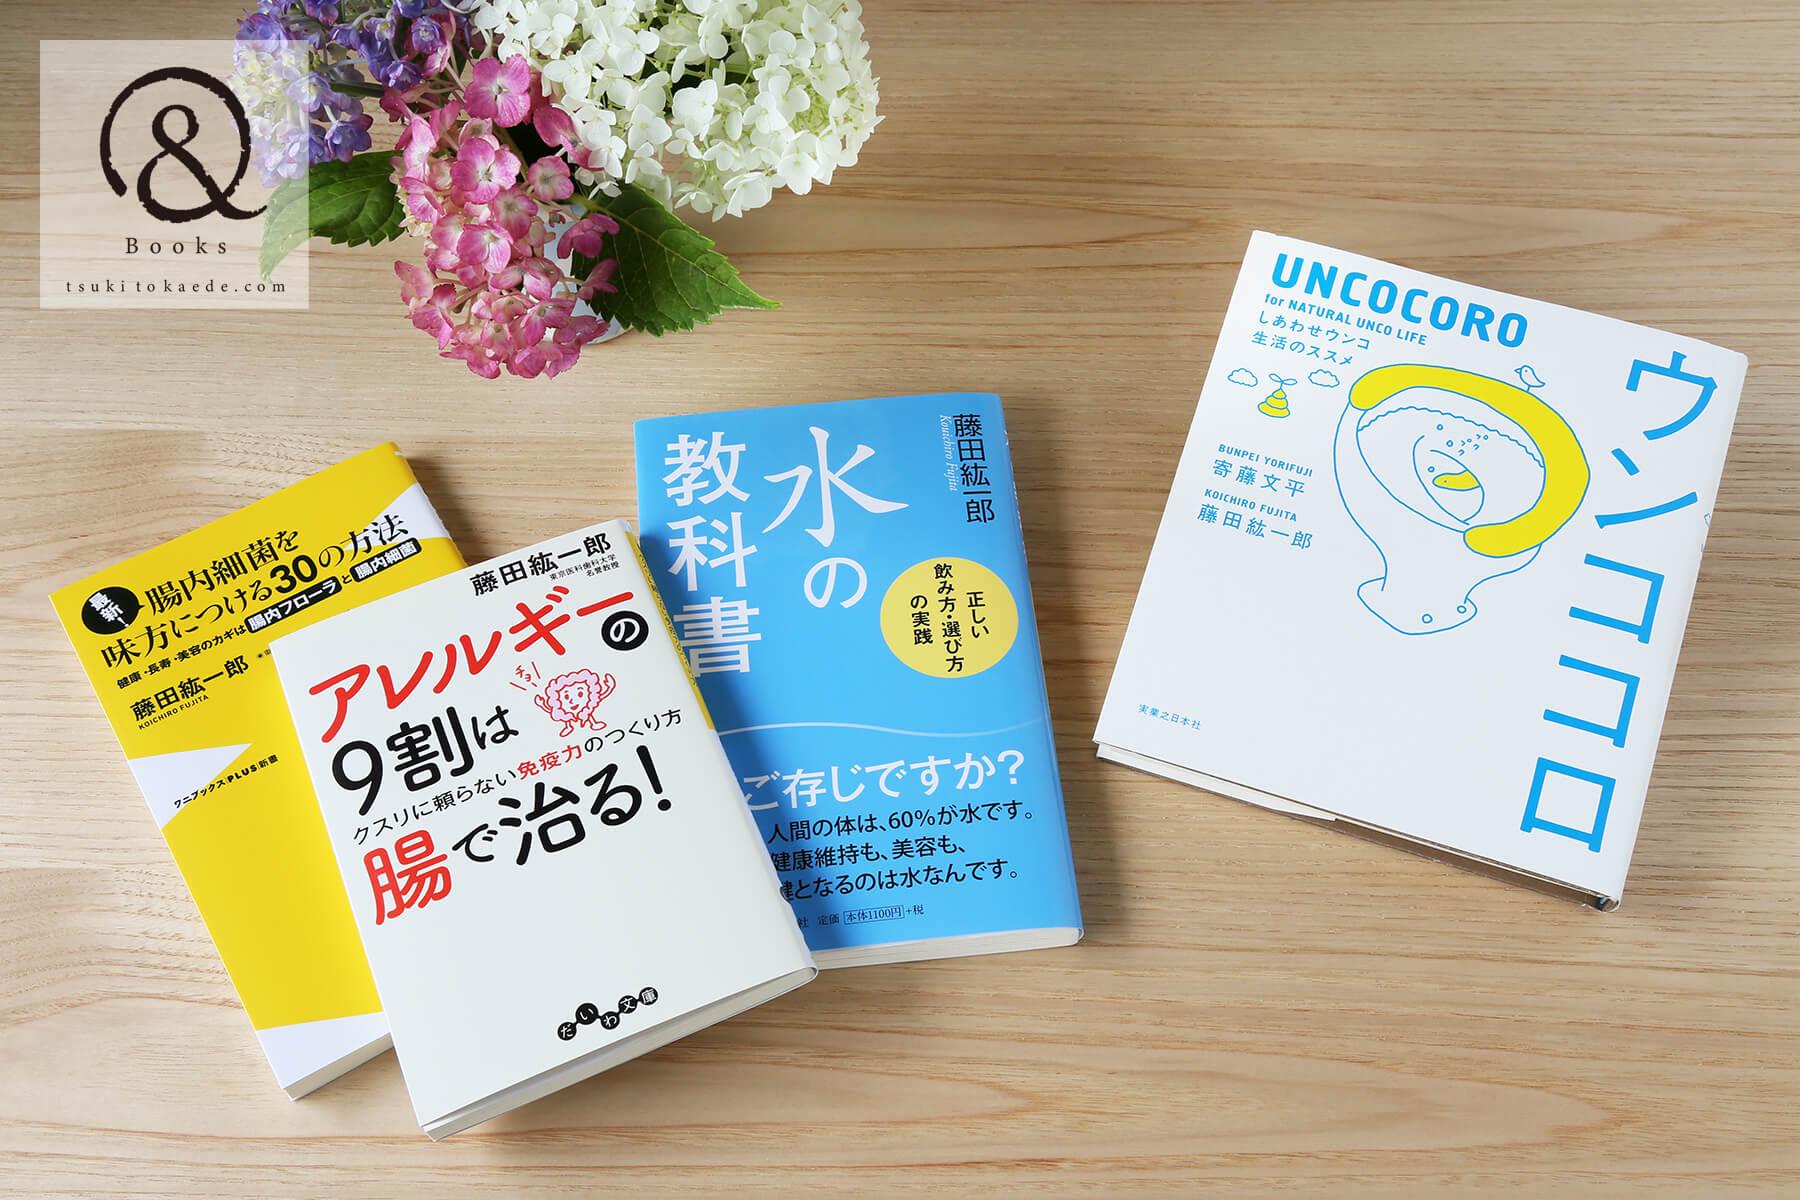 藤田紘一郎先生の本